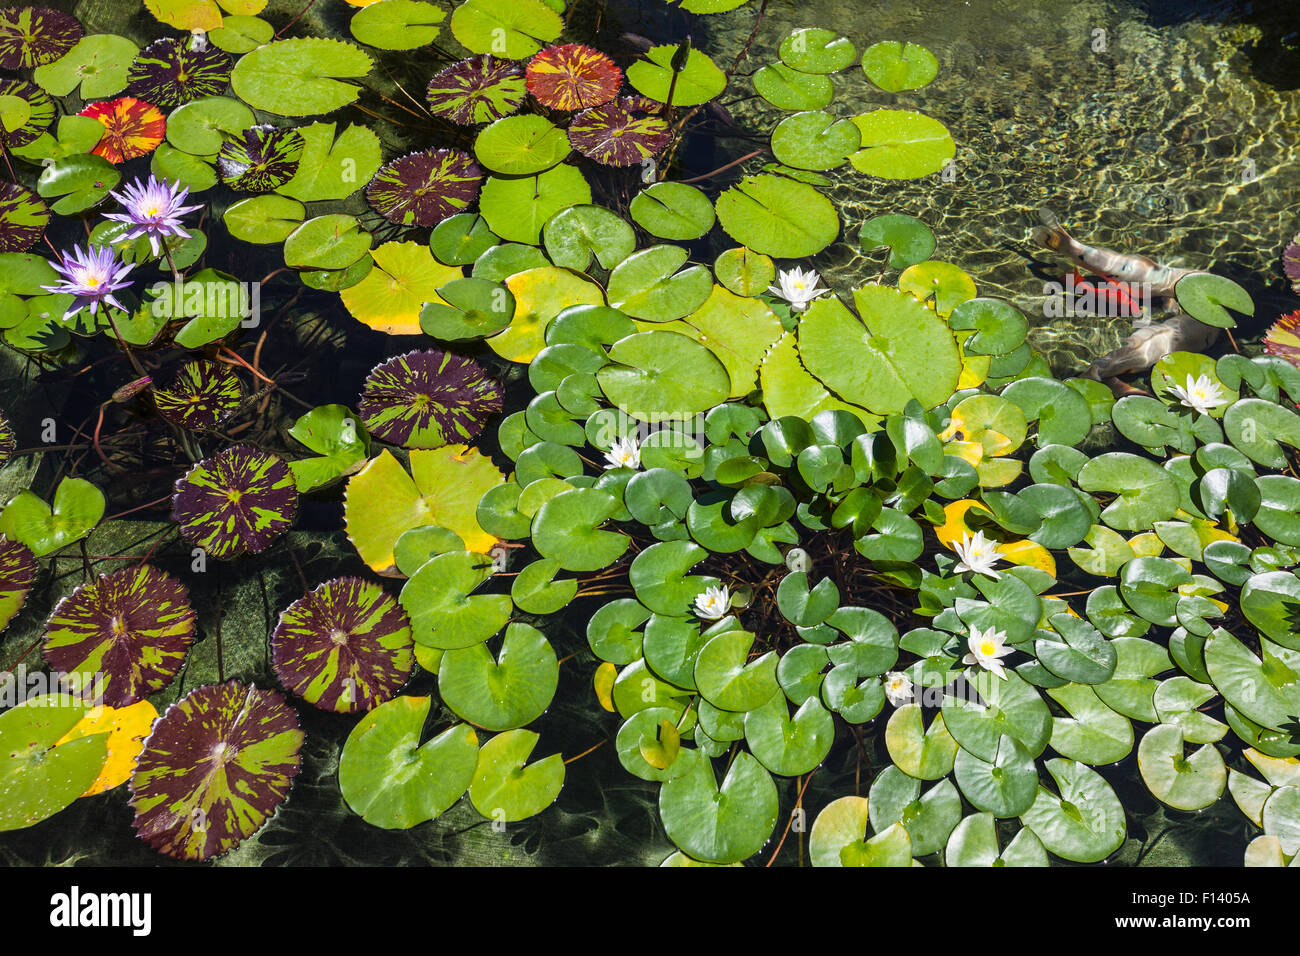 Hoja de lirio estanque con flores y pescado. Imagen De Stock